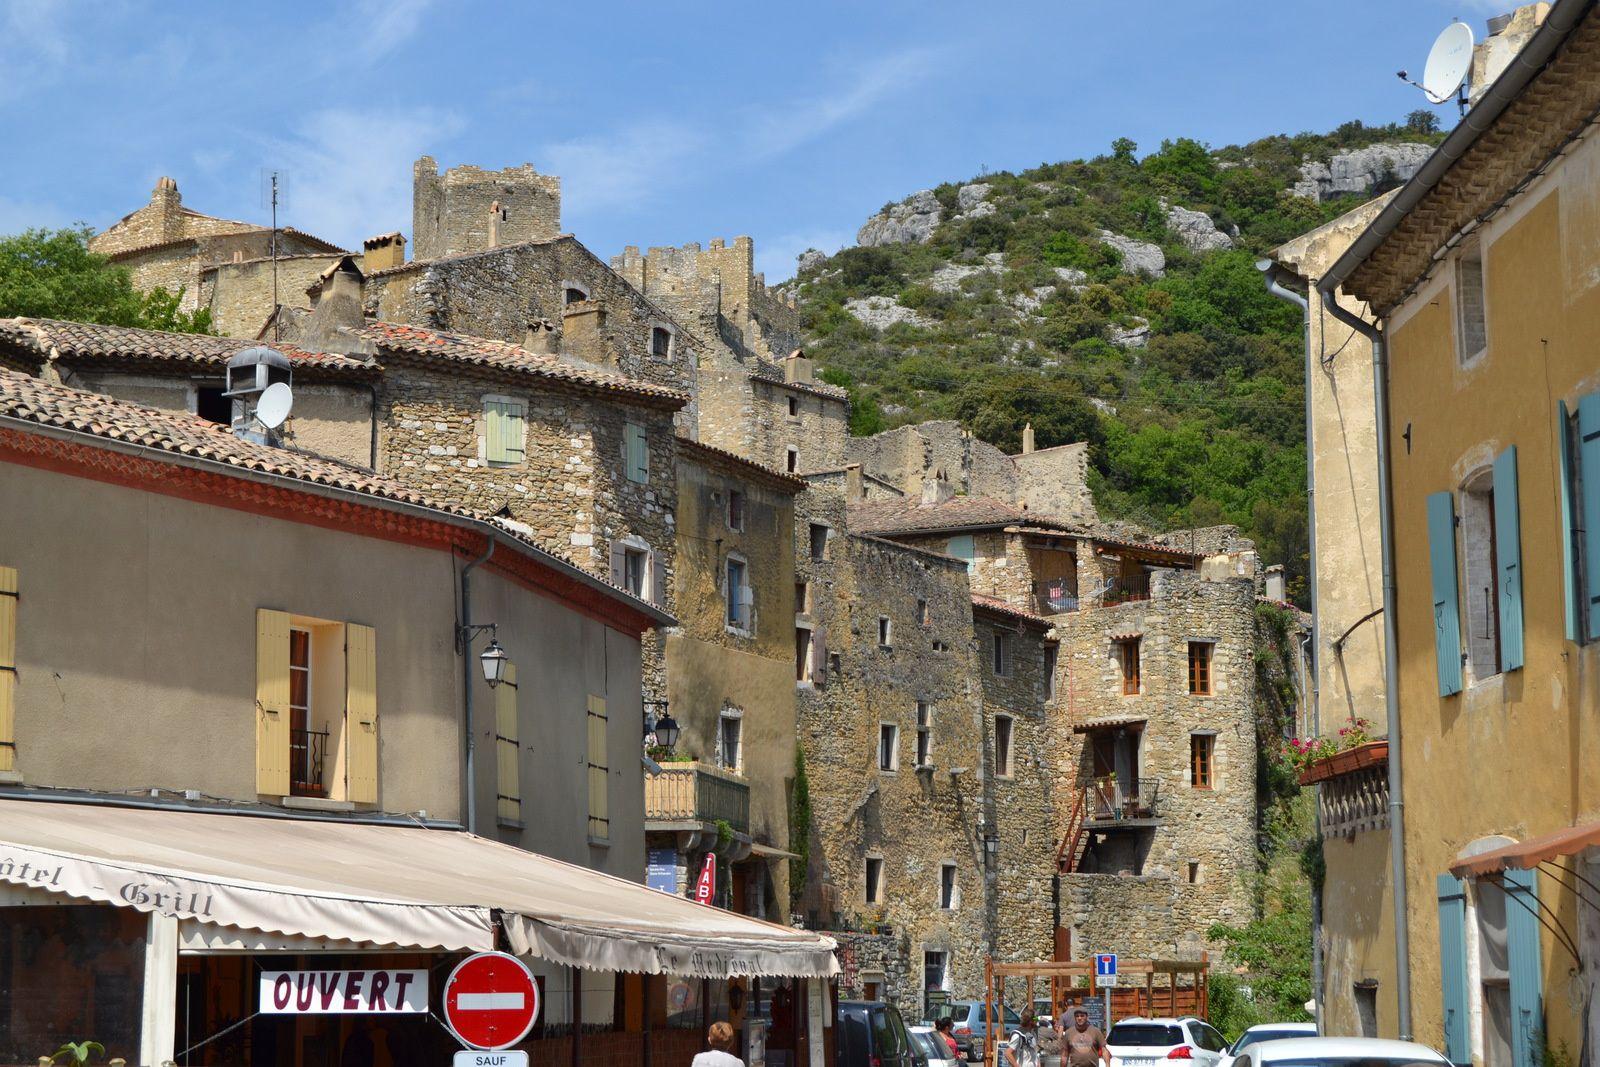 Situé en Ardèche, sur les bords du Rhône, le village médiéval de Saint-Montan n'était plus que ruines en 1970. Ses derniers habitants l'avaient quitté en 1880 pour s'installer à proximité de leurs terres. Ils avaient emporté avec eux tuiles, poutres, chevrons, pierres d'encadrement des portes et fenêtres pour construire un peu plus loin sur la commune. Des années plus tard, face à ce champ de ruines, des passionnés, tous originaires du village, décident de créer l'association des Amis de Saint-Montan pour permettre la restauration et la conservation du patrimoine historique du village médiéval et de son château. Commence alors pour eux une longue histoire...